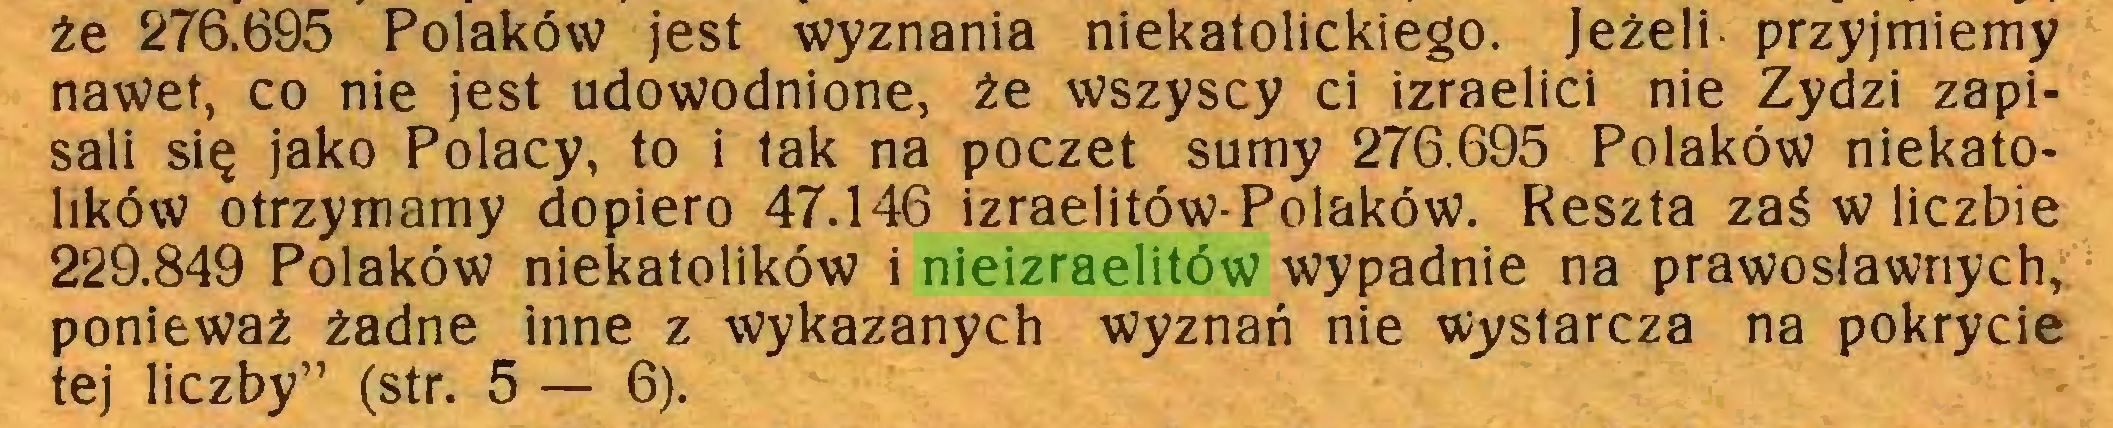 """(...) że 276.695 Polaków jest wyznania niekatolickiego. Jeżeli przyjmiemy nawet, co nie jest udowodnione, że wszyscy ci izraelici nie Żydzi zapisali się jako Polacy, to i tak na poczet sumy 276.695 Polaków niekatolików otrzymamy dopiero 47.146 izraelitów-Polaków. Reszta zaś w liczbie 229.849 Polaków niekatolików i nieizraelitów wypadnie na prawosławnych, ponieważ żadne inne z wykazanych wyznań nie wystarcza na pokrycie tej liczby"""" (str. 5 — 6)..."""